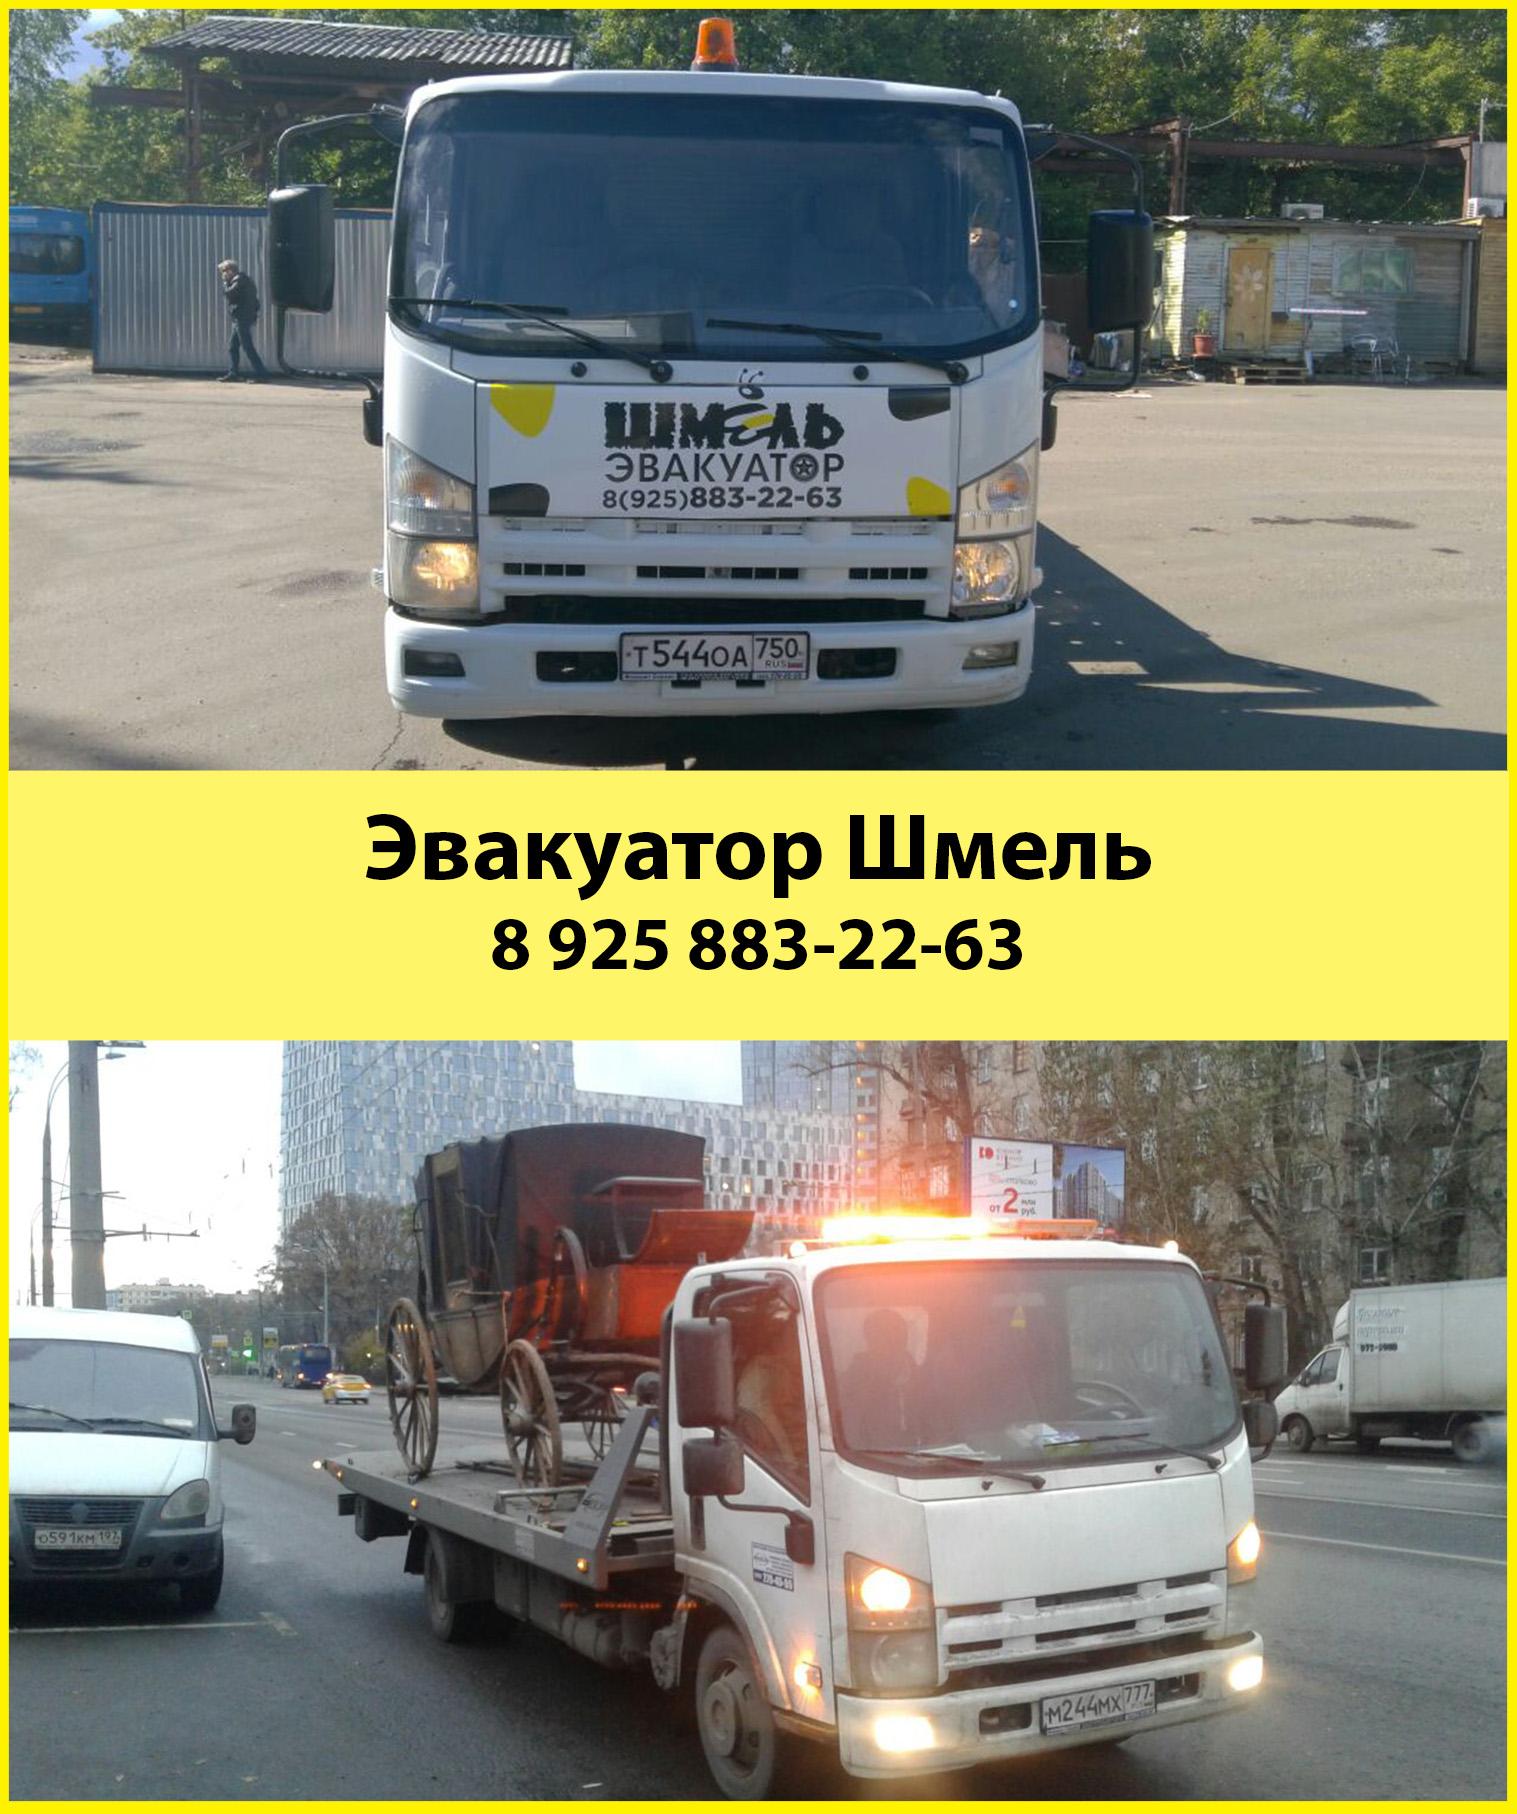 эвакуатор Раменский р-он